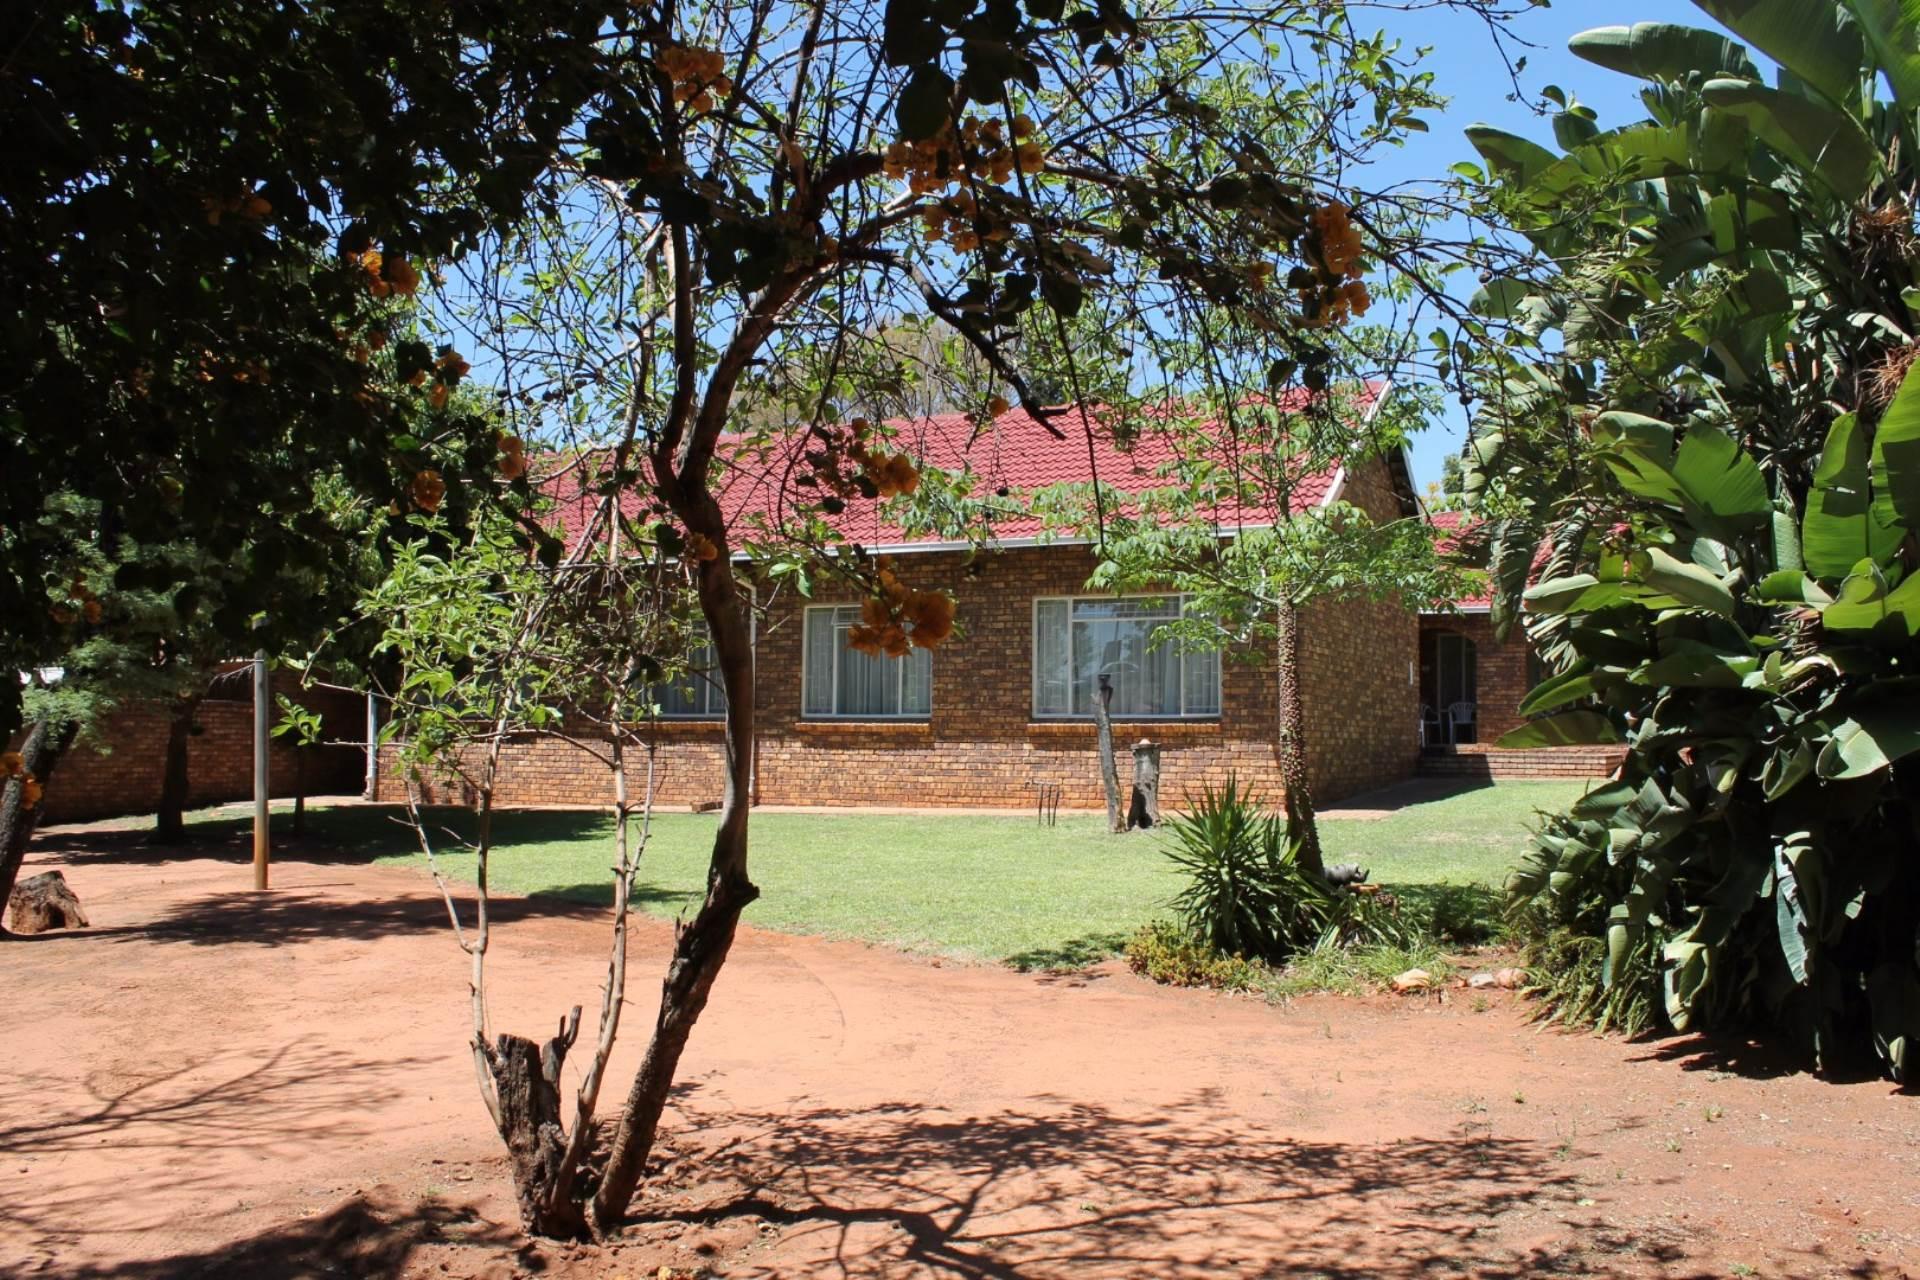 Akasia, Amandasig Property  | Houses For Sale Amandasig, AMANDASIG, House 4 bedrooms property for sale Price:1,292,000